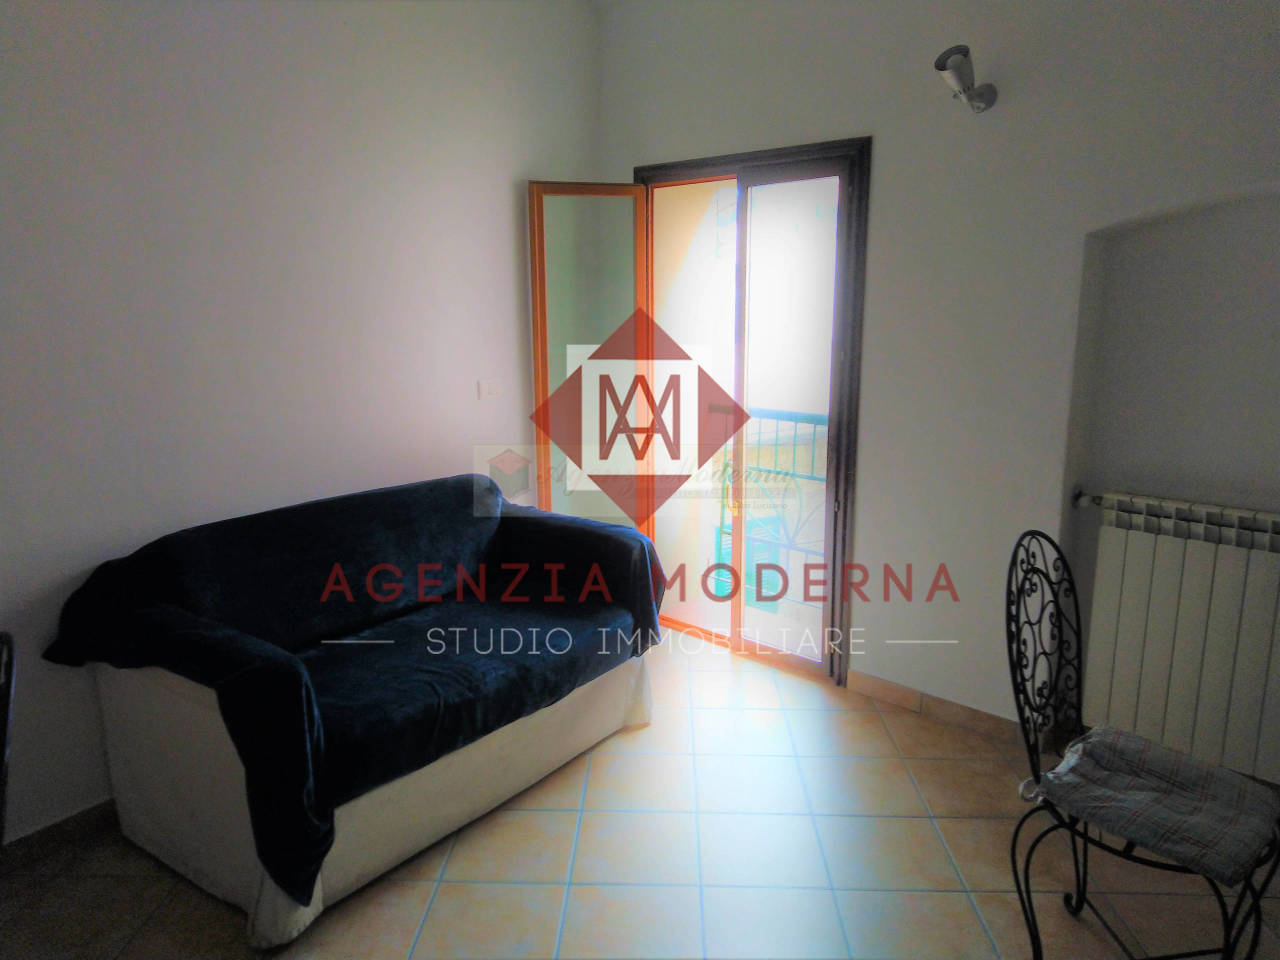 Appartamento - Trilocale a Ventimiglia